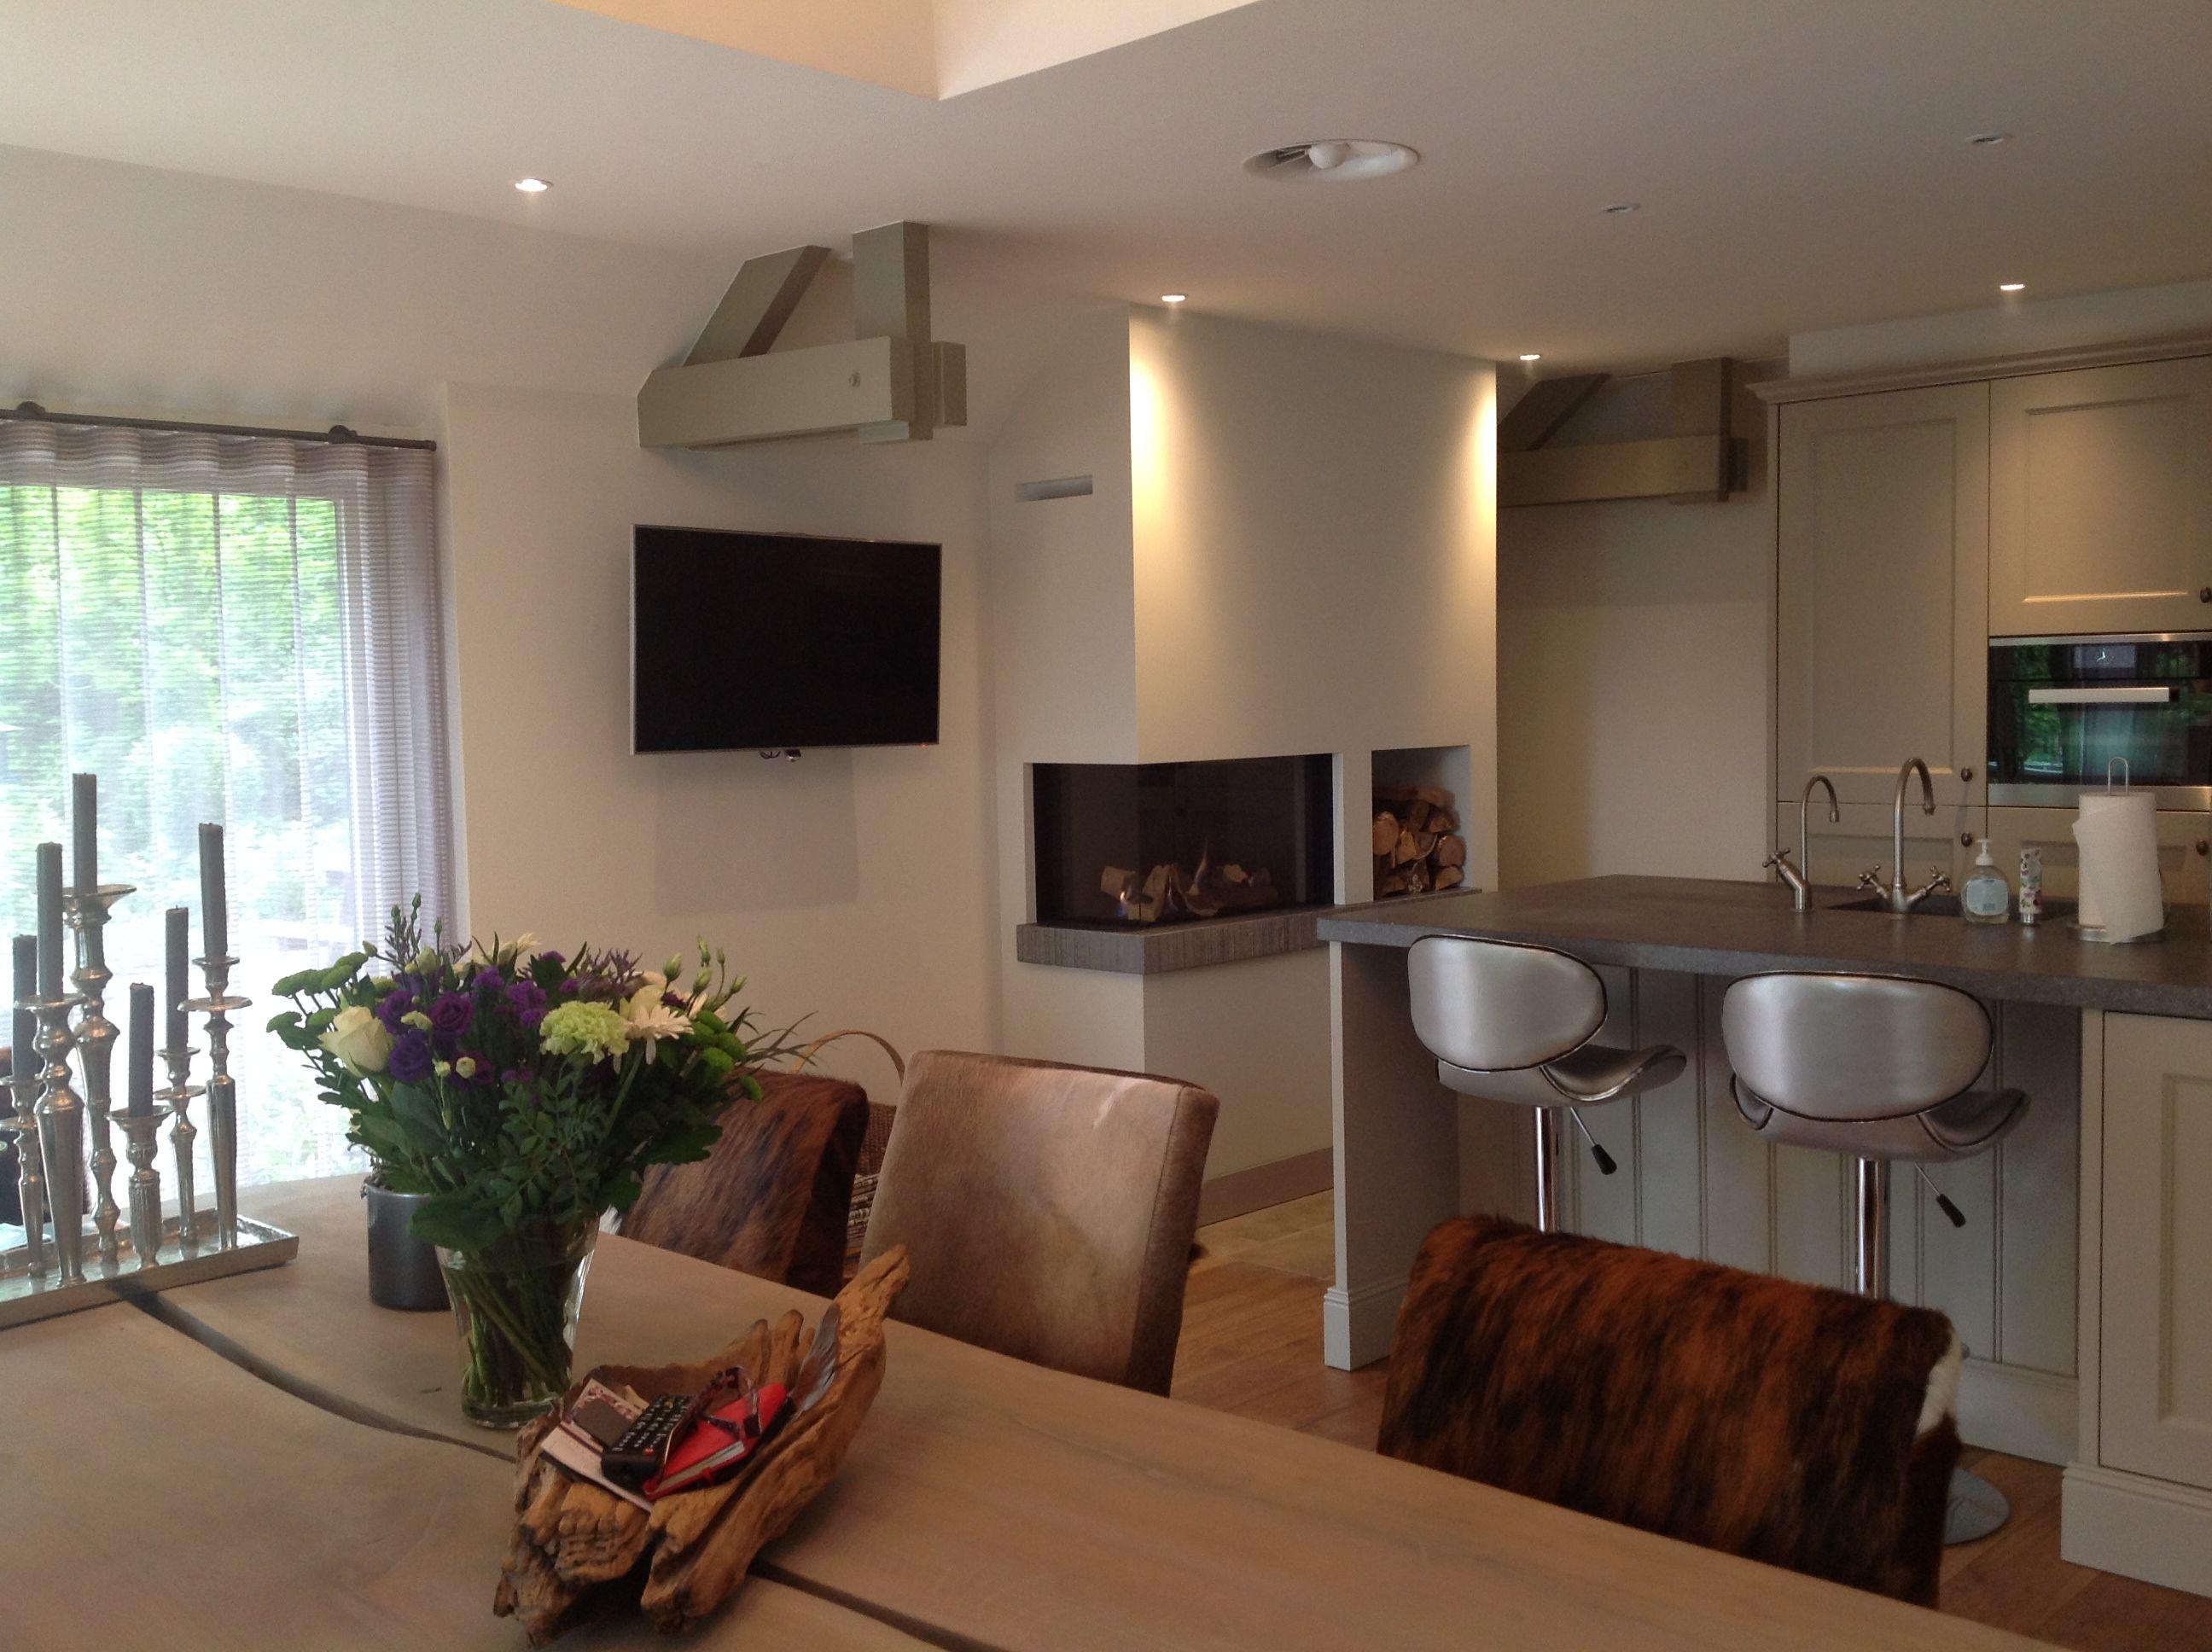 Keuken Interieur Scandinavisch : Gashaard hoek haard keuken interieur werk inspiratie keuken